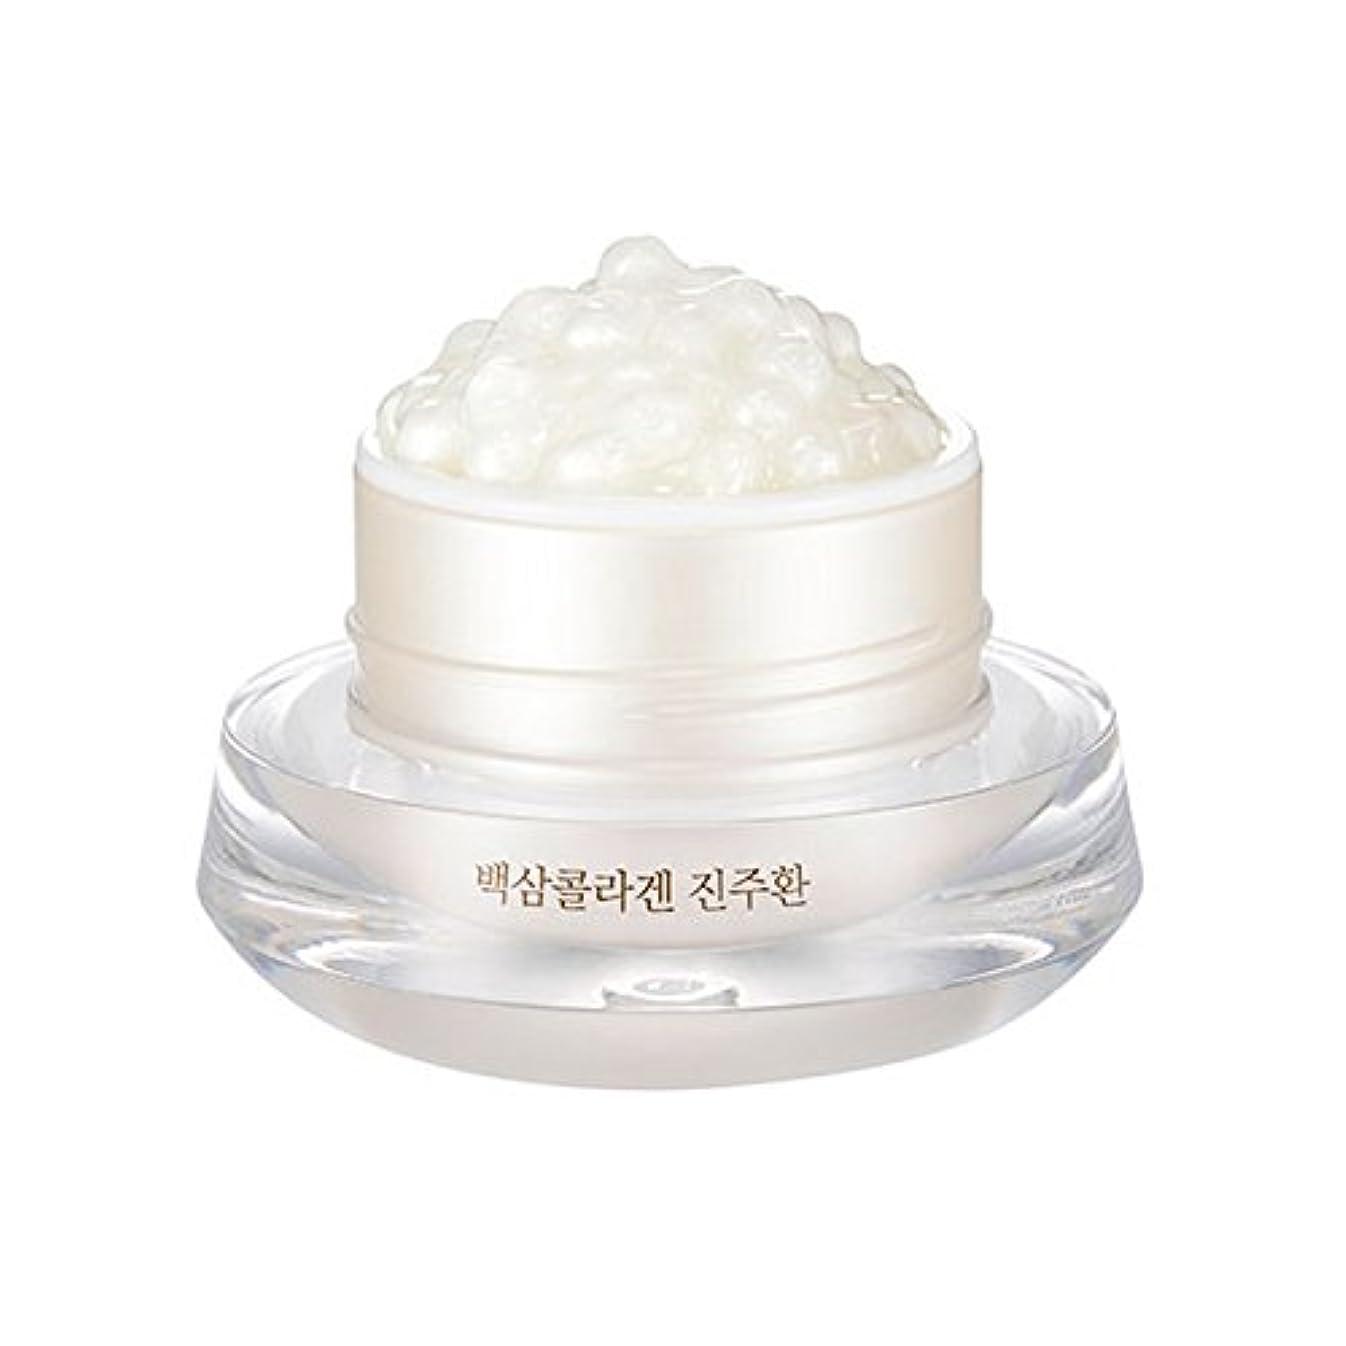 添加剤もしバレーボール[ザ?フェイスショップ] The Face Shop 白参 コラーゲン パール カプセルクリーム White Ginseng Collagen Pearl Capsule Cream [並行輸入品]